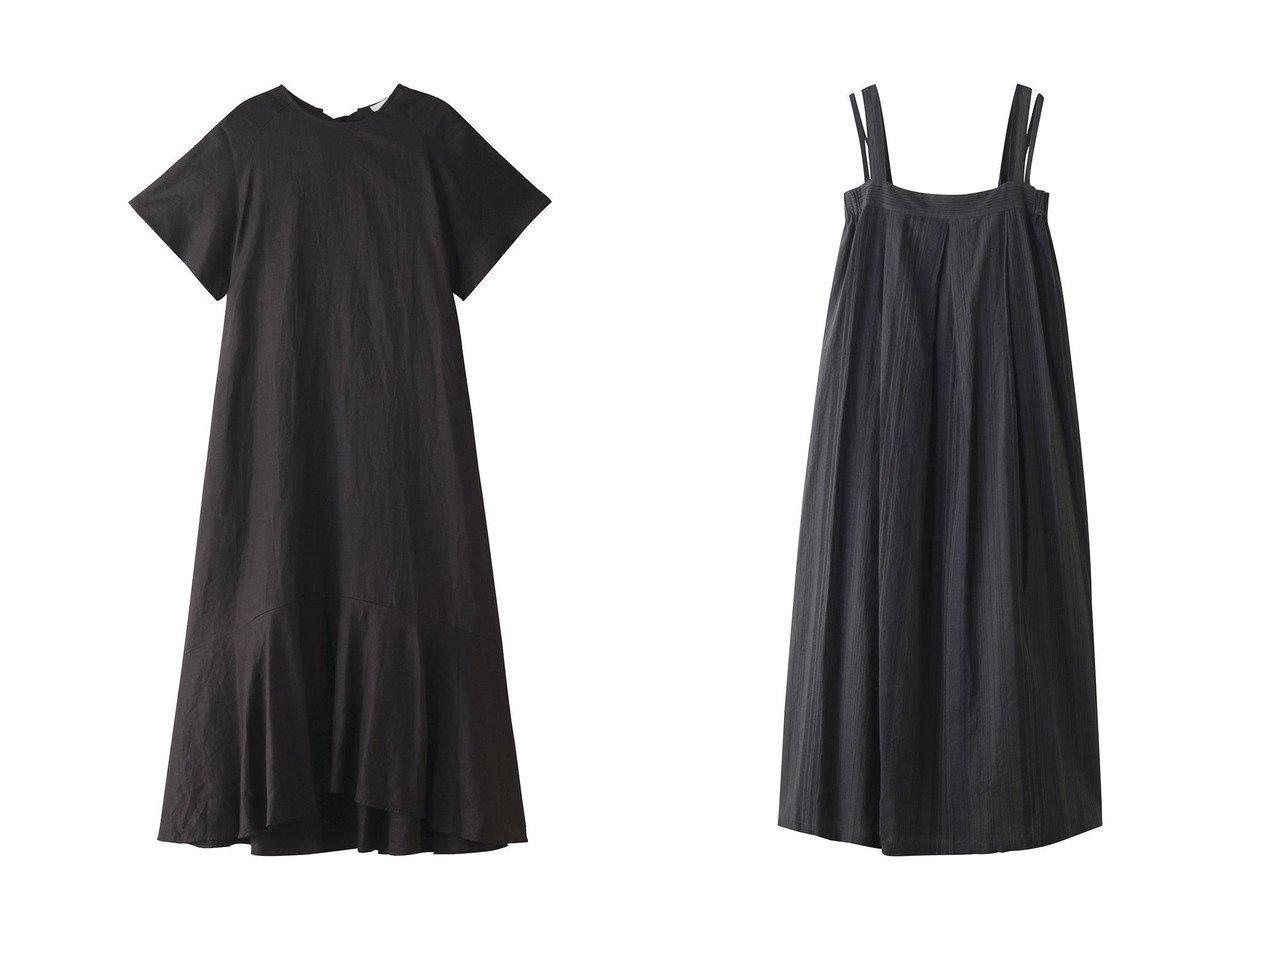 【normment/ノーメント】のラミーCBリボンドレス&リネンコットンストライプタックドレス 【ワンピース・ドレス】おすすめ!人気、トレンド・レディースファッションの通販  おすすめで人気の流行・トレンド、ファッションの通販商品 メンズファッション・キッズファッション・インテリア・家具・レディースファッション・服の通販 founy(ファニー) https://founy.com/ ファッション Fashion レディースファッション WOMEN ワンピース Dress ドレス Party Dresses ドレス フェミニン フレア ペプラム リボン S/S・春夏 SS・Spring/Summer ストライプ ダブル ミックス リネン 春 Spring |ID:crp329100000032181